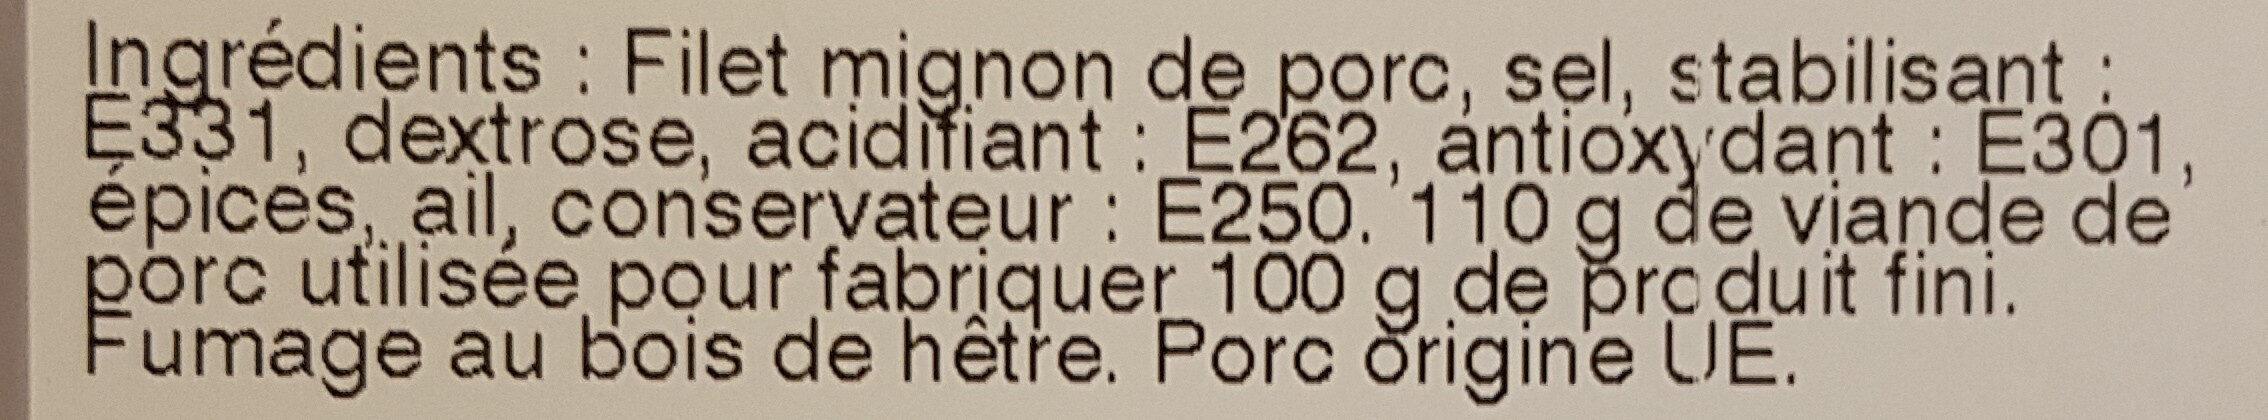 Filet mignon fumé nature - Ingrédients - fr